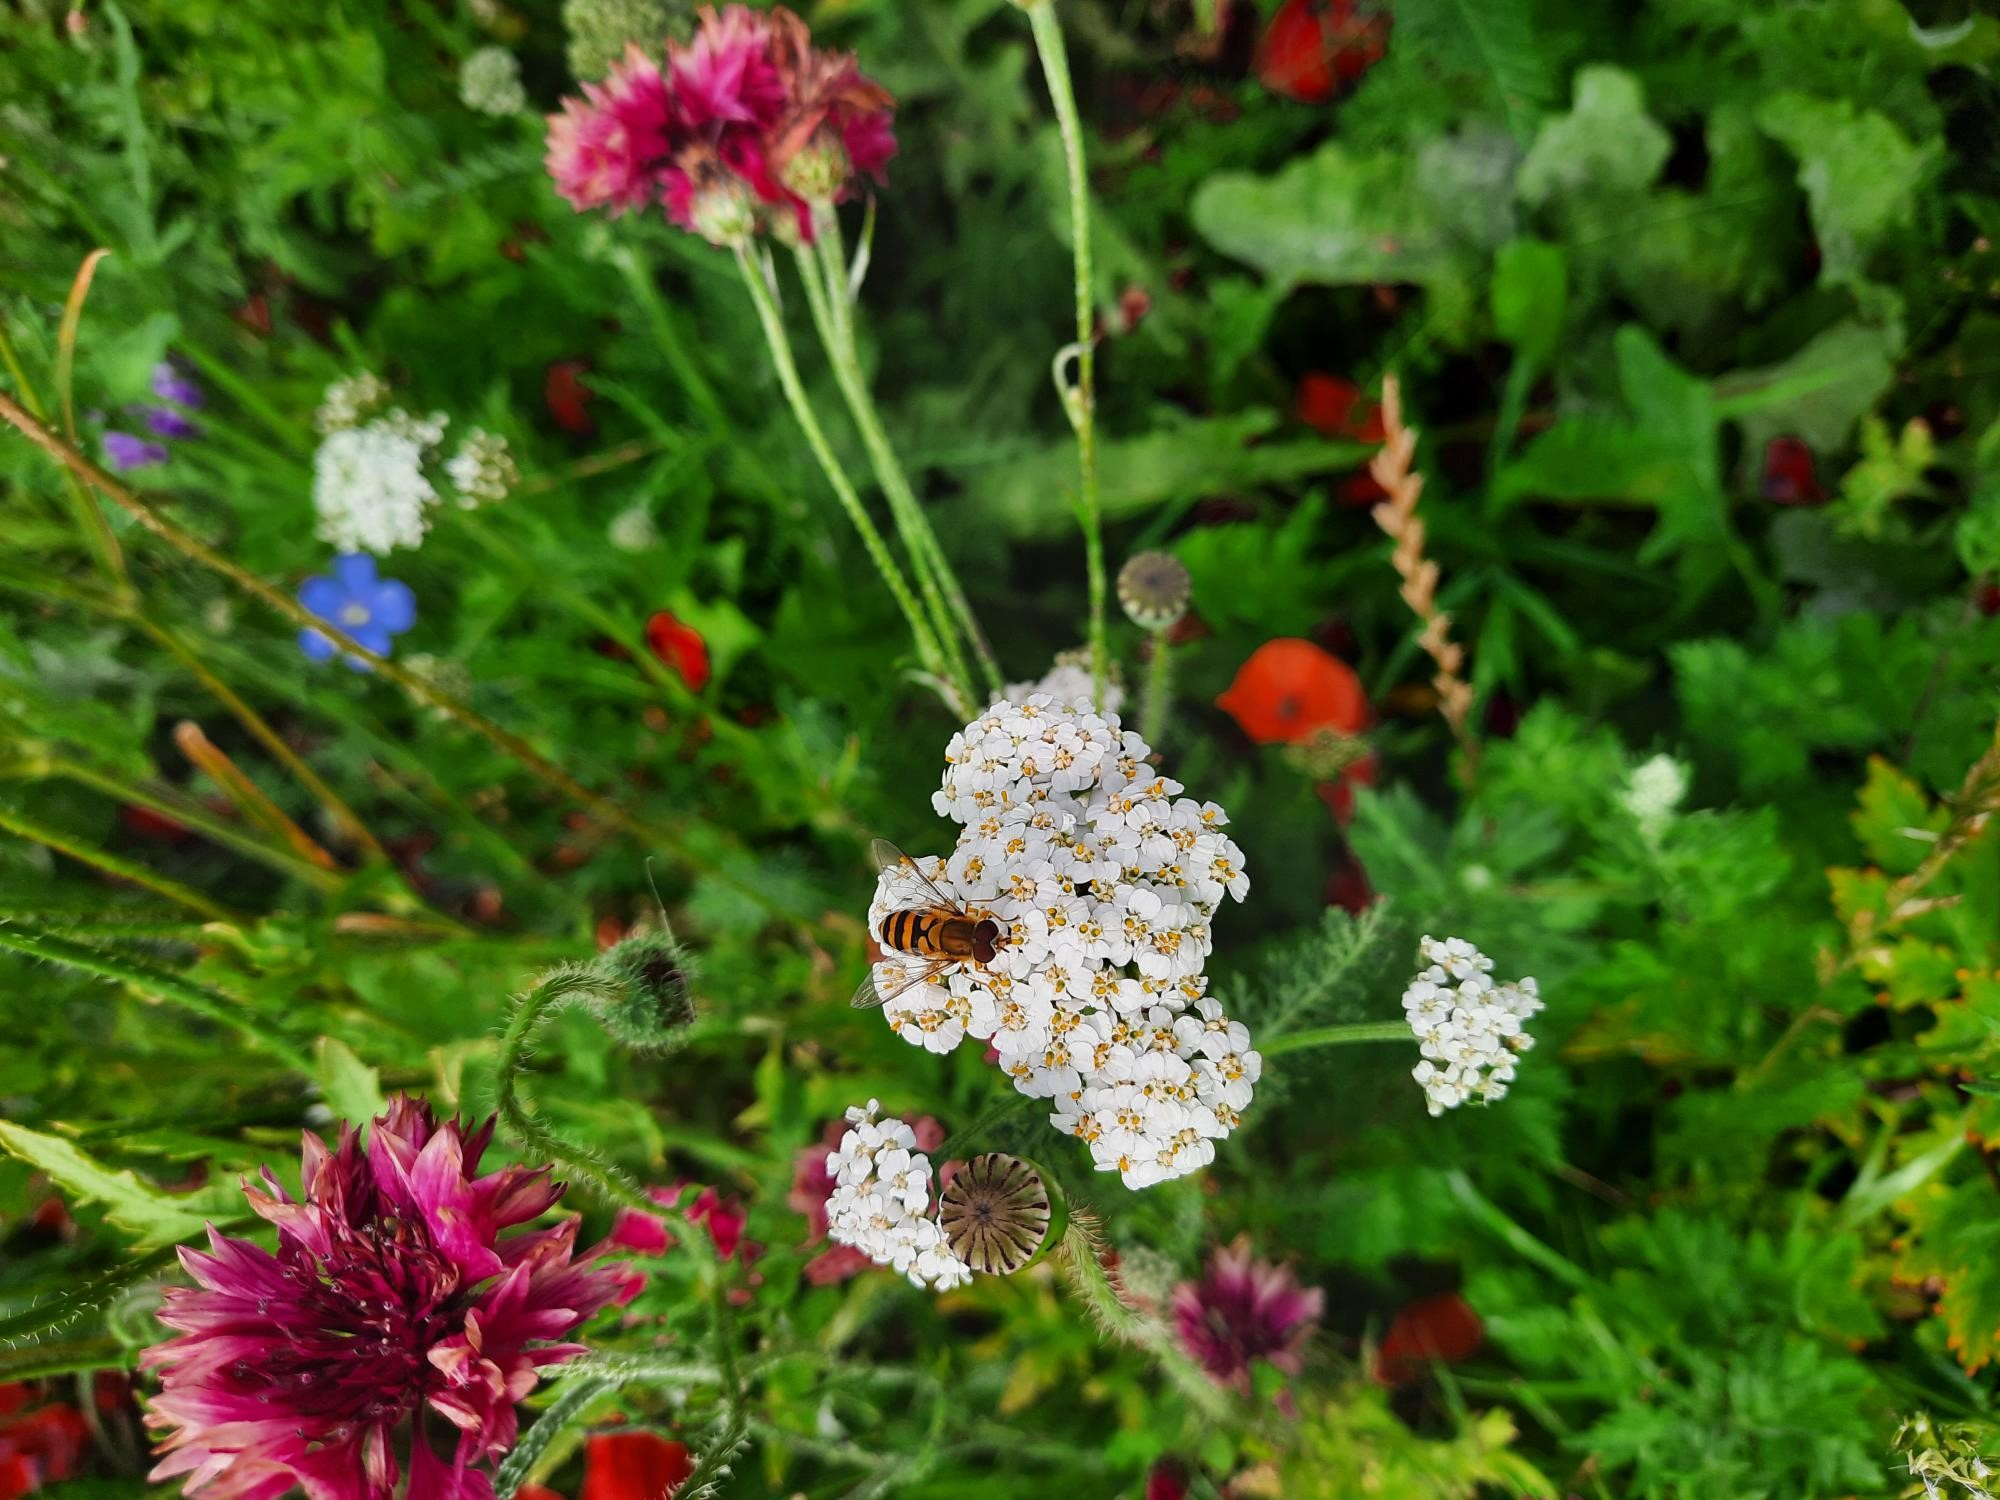 Gentager succes: Aarhus Kommune uddeler blomsterfrø